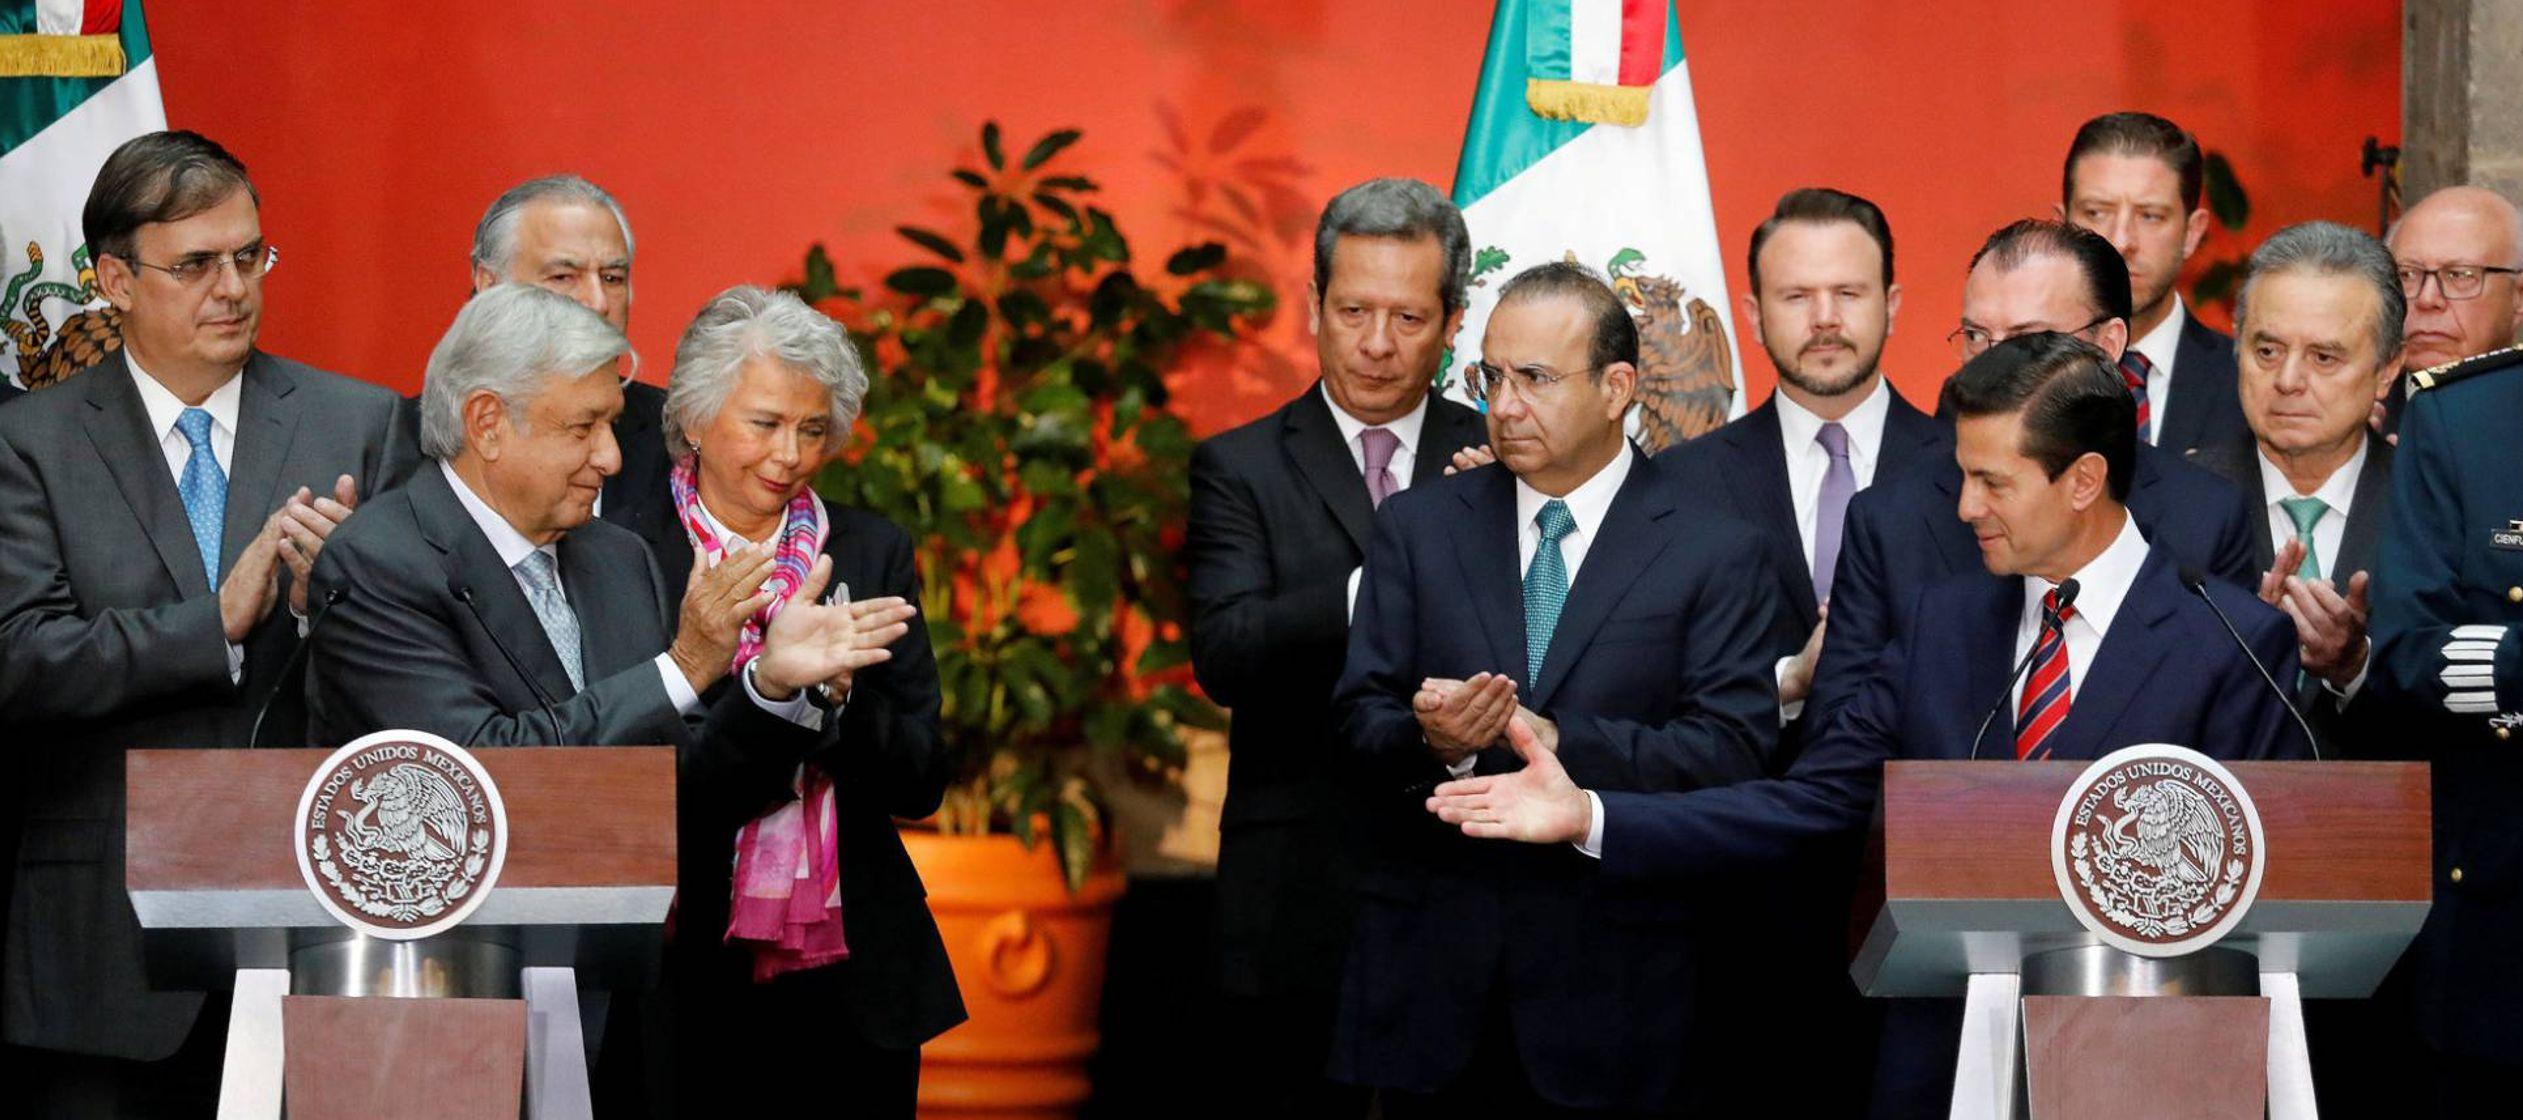 López Obrador insiste ante Peña Nieto en que cancelará la reforma educativa